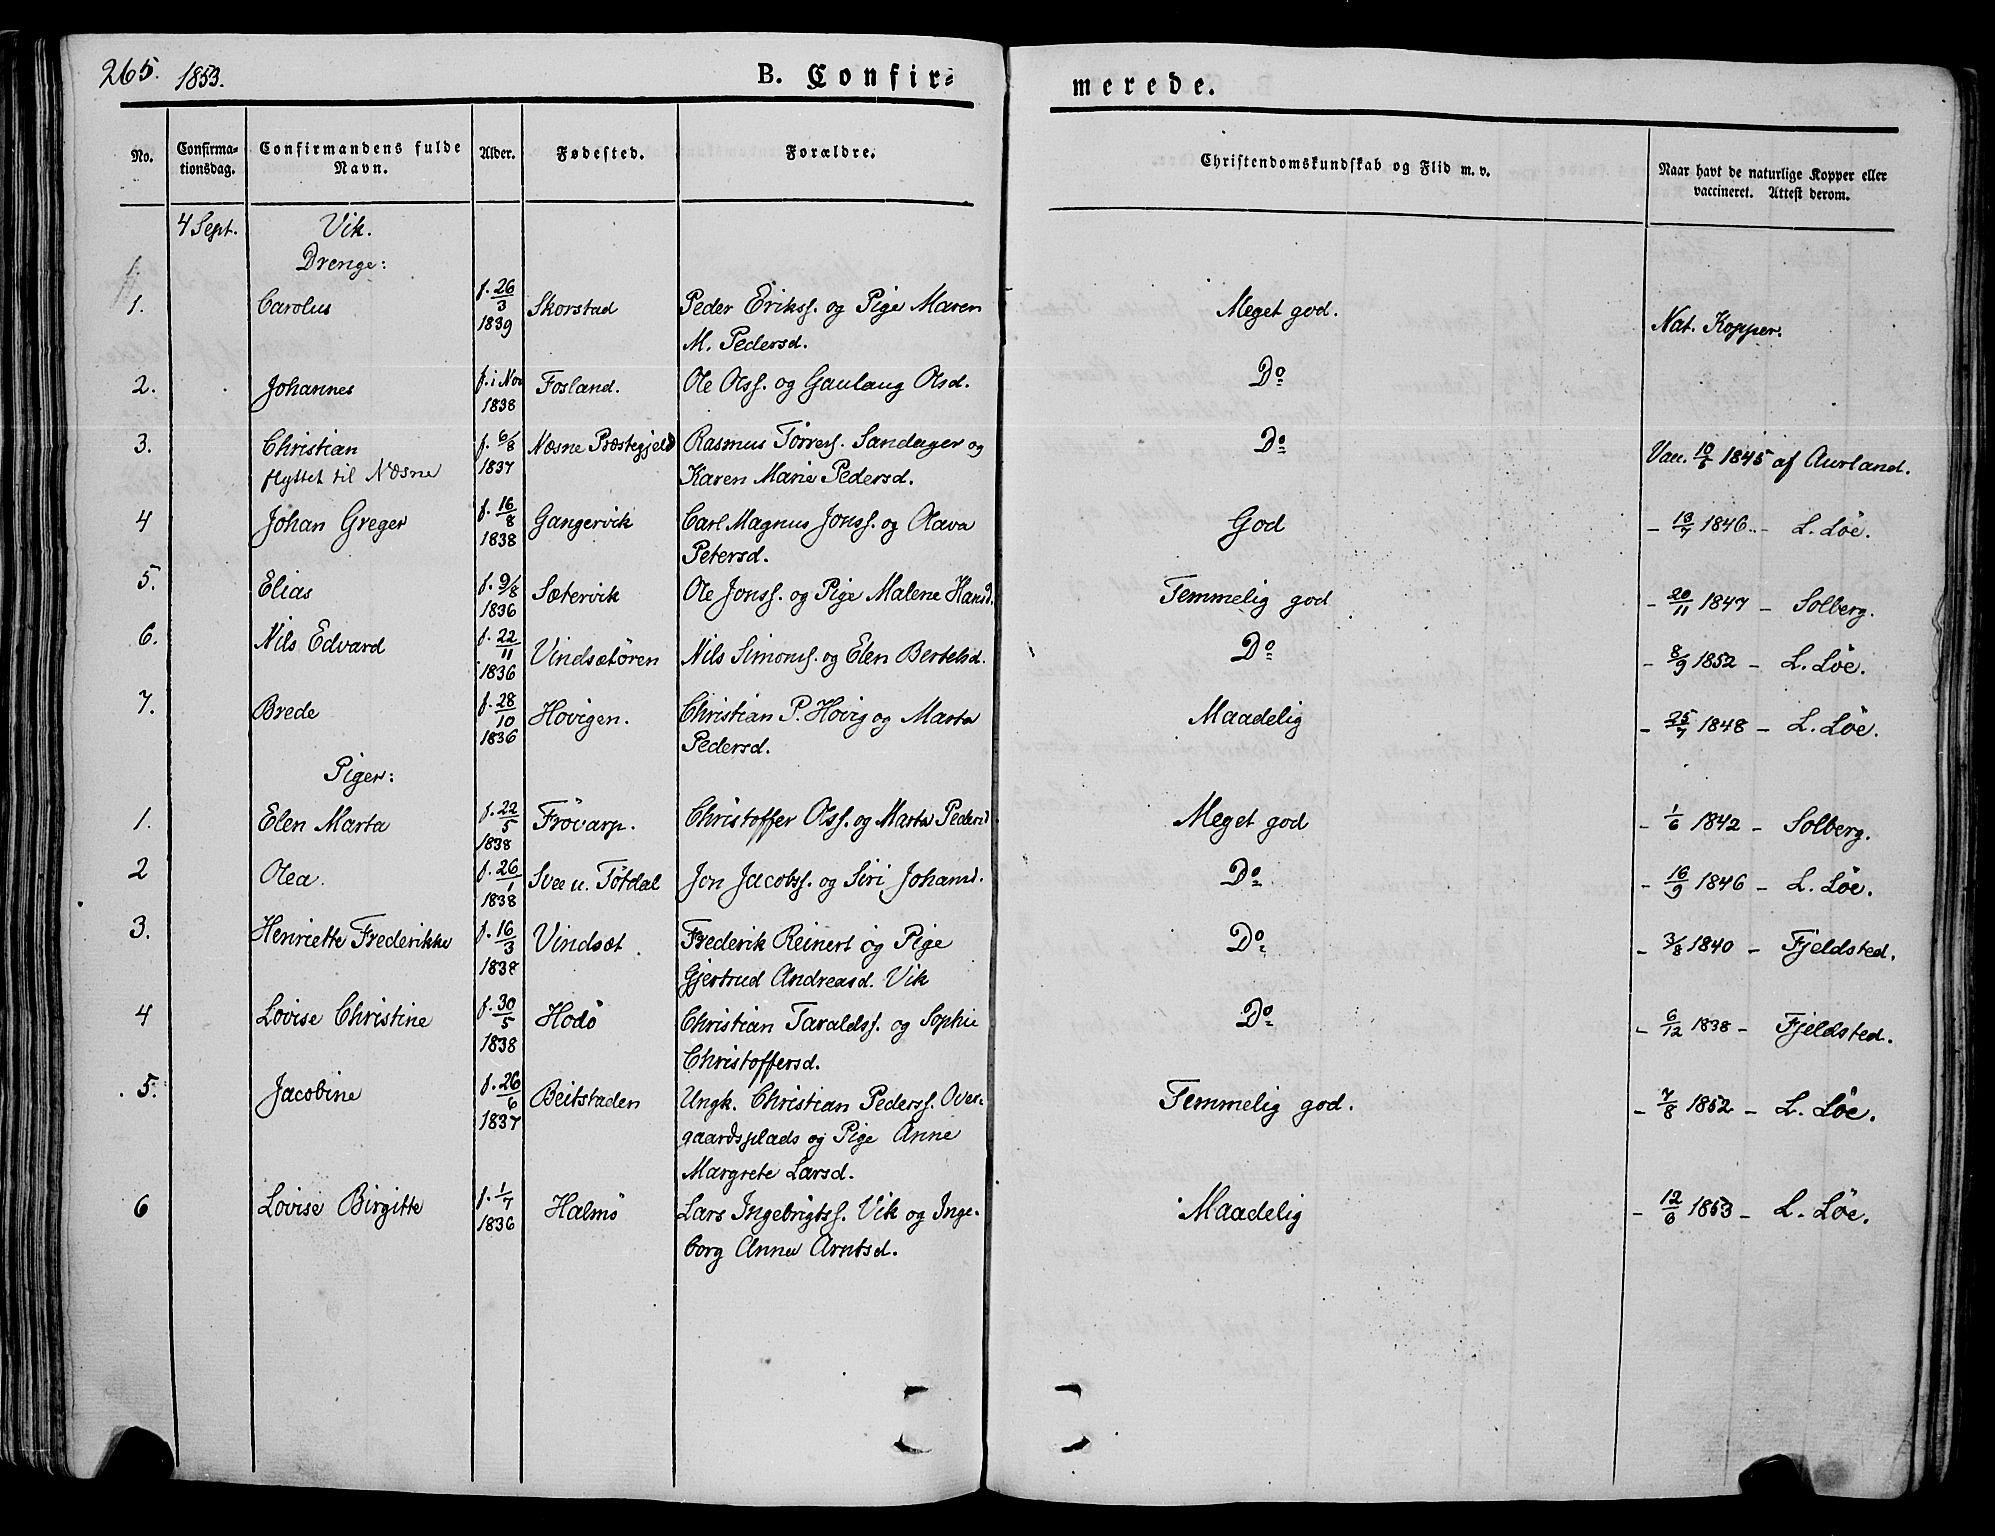 SAT, Ministerialprotokoller, klokkerbøker og fødselsregistre - Nord-Trøndelag, 773/L0614: Ministerialbok nr. 773A05, 1831-1856, s. 265